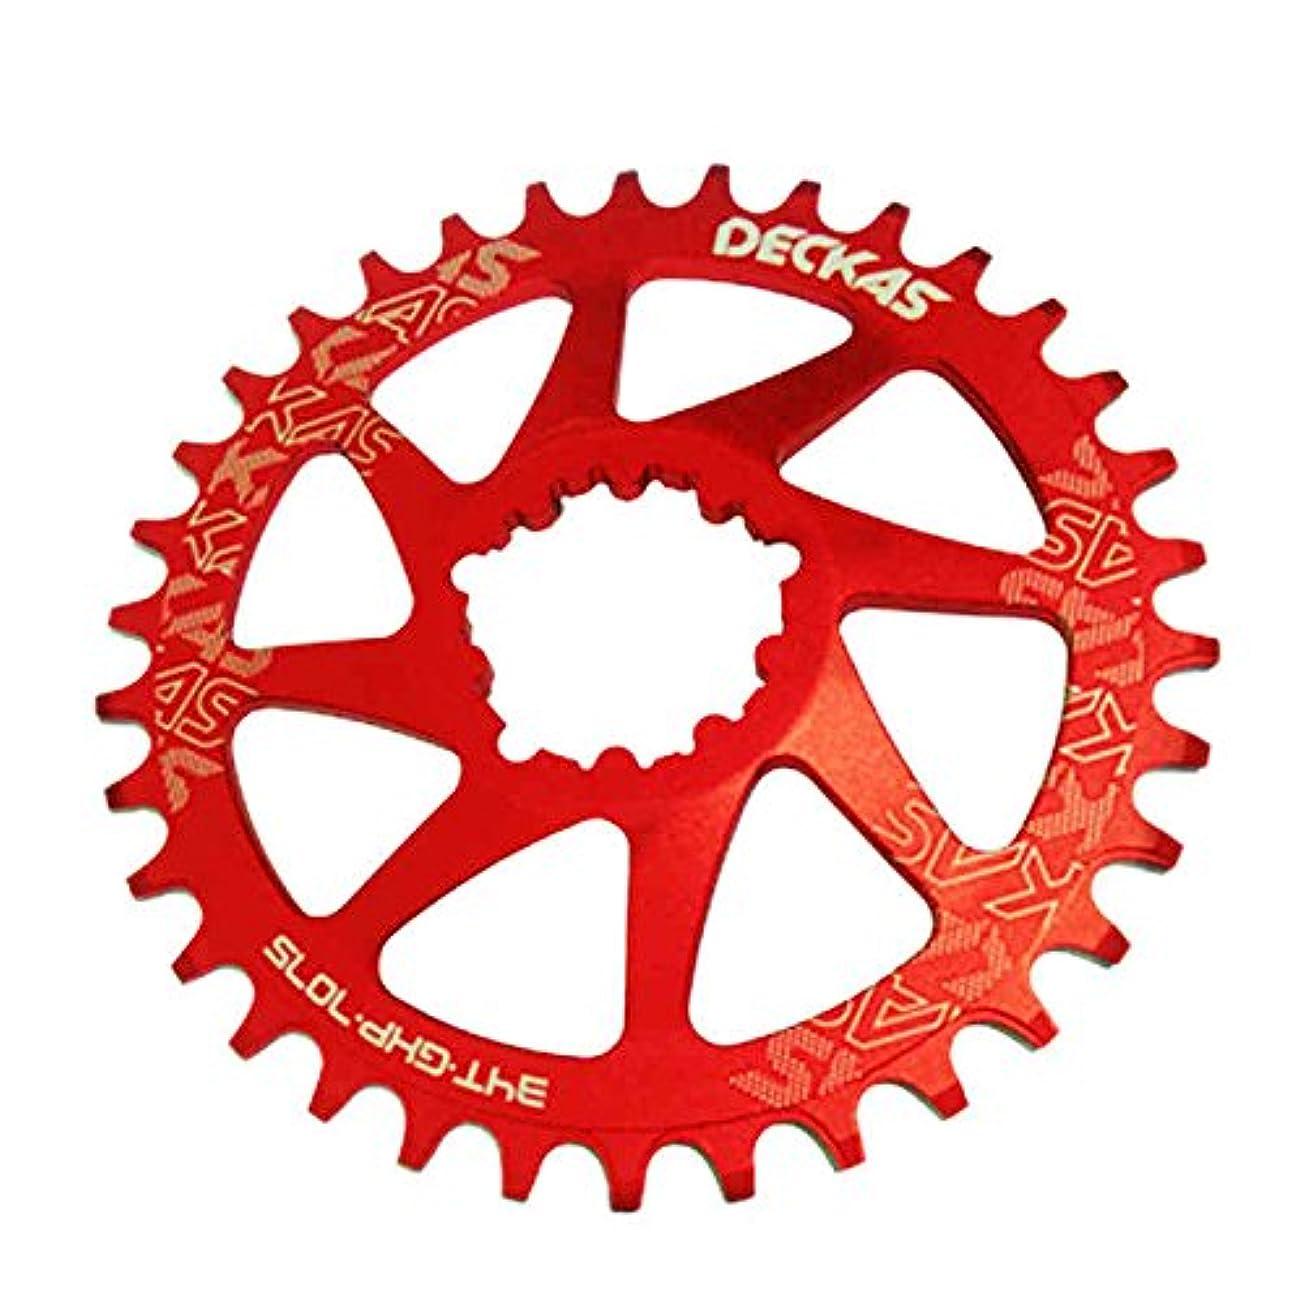 ピービッシュあさり単なるPropenary - GXP bicycle crankset Al 7075 CNC32T 34T Narrow Wide Chainring Chainwheel for Sram XX1 XO1 X1 GX XO X9 crankset bicycle parts [ 32T Red ]